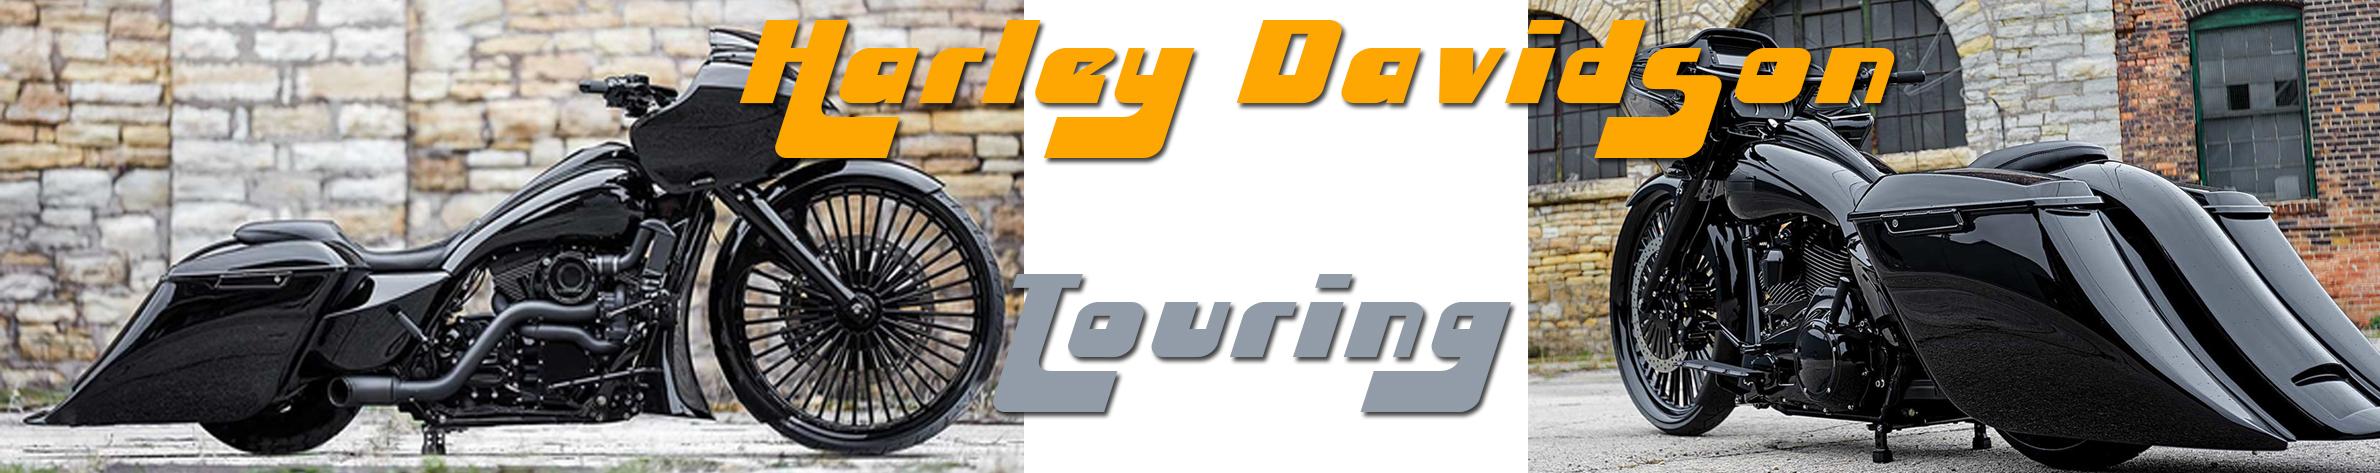 harley-davidson-touring